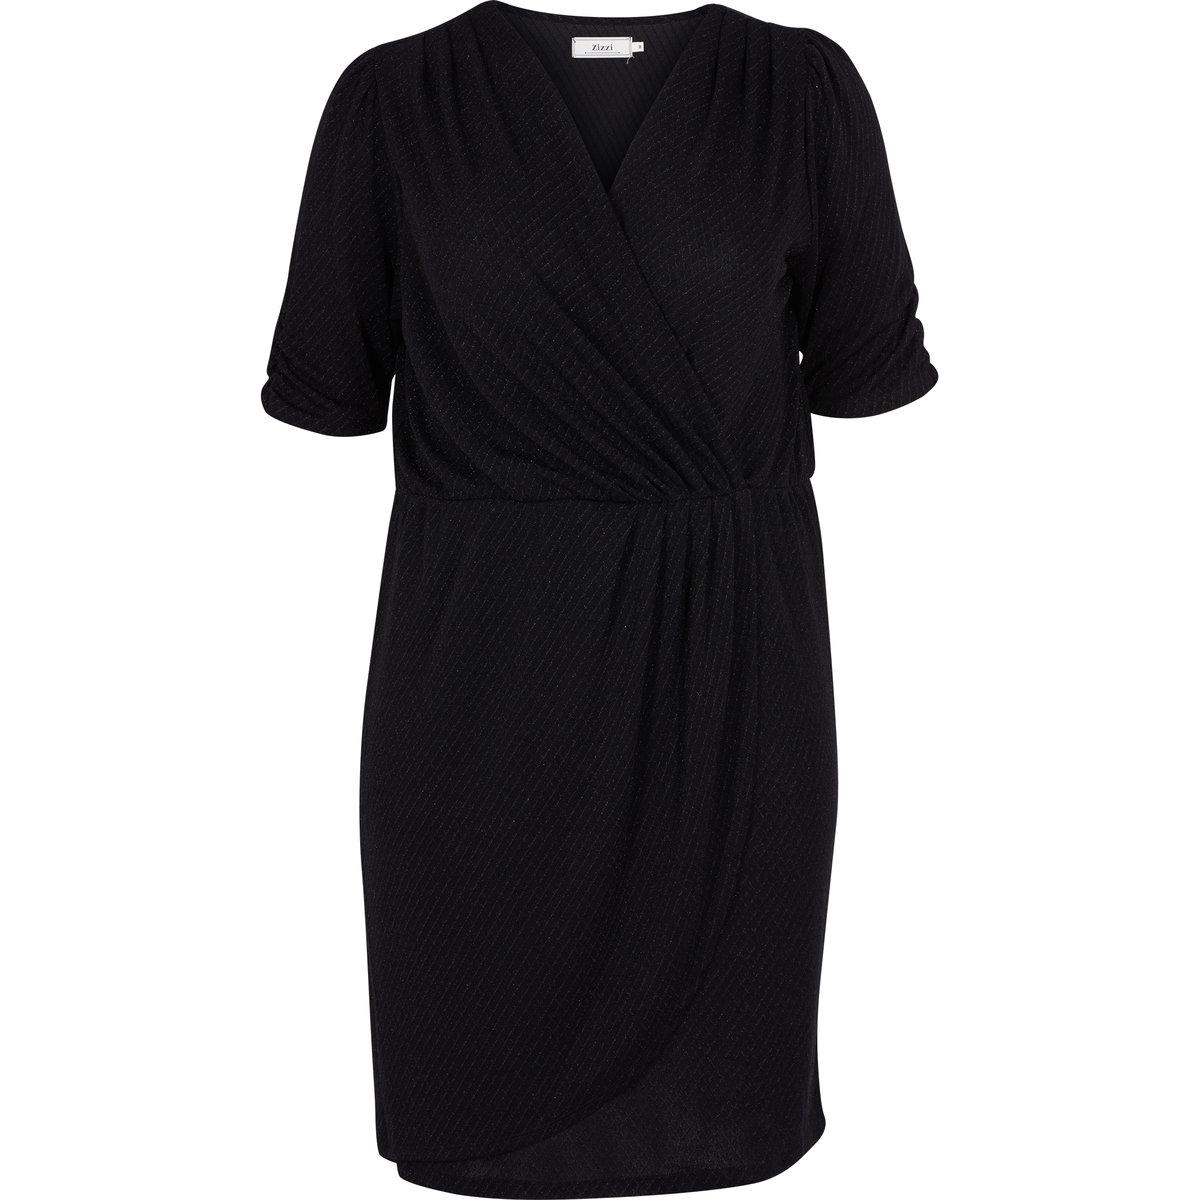 ПлатьеПлатье ZIZZI. Рукава по локоть . С эффектом запаха . V-образный вырез. Длина выше колен . 90% полиамида 10% люрекса . Соответствие размеров : S= 42/44, M= 46/48, L= 50/52, XL = 54/56<br><br>Цвет: черный